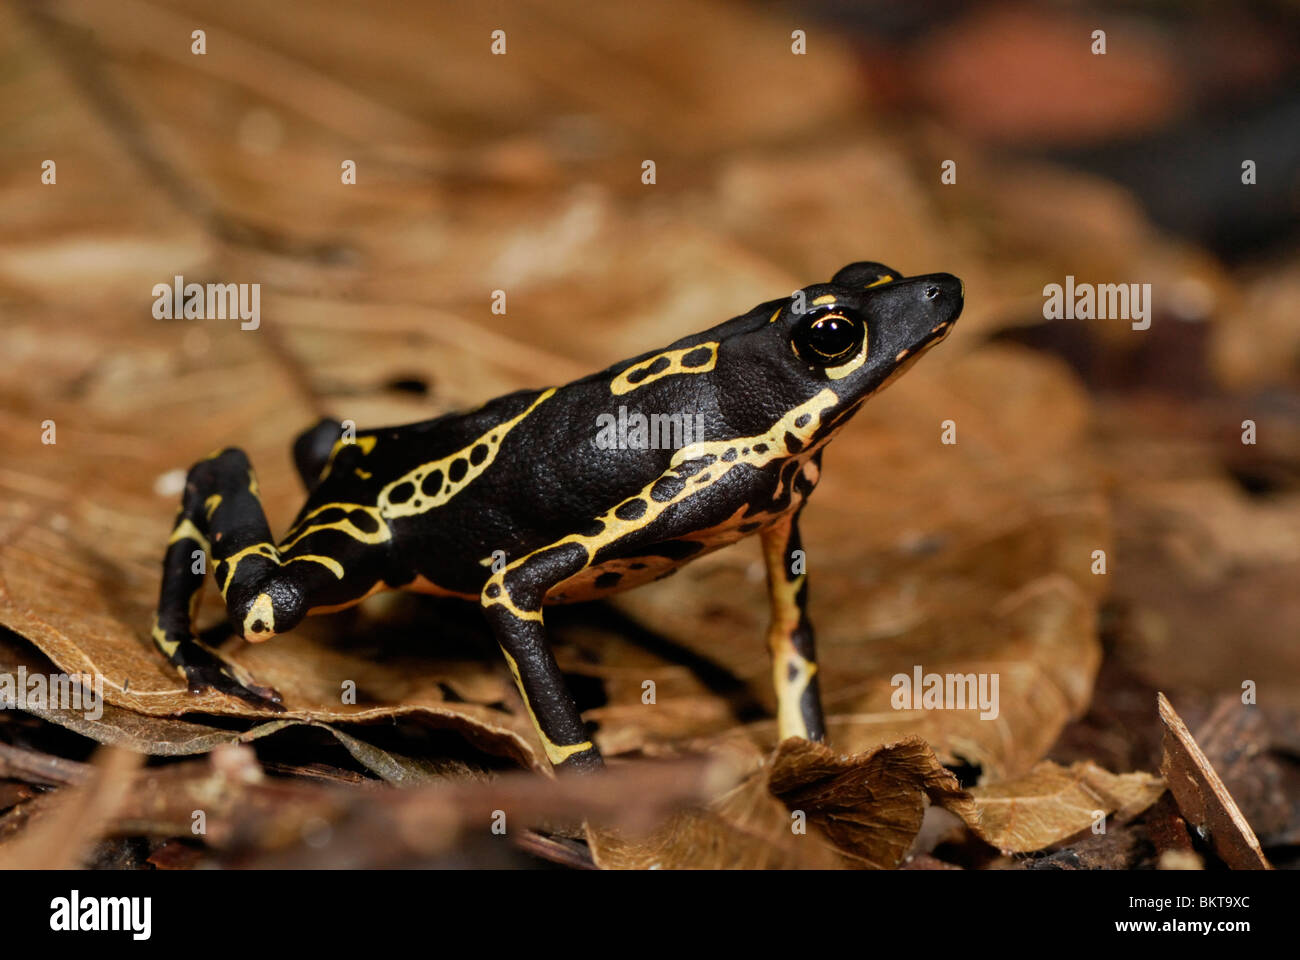 common harlequin toad op de bosbodem; common harlequin toad on the forestfloor - Stock Image